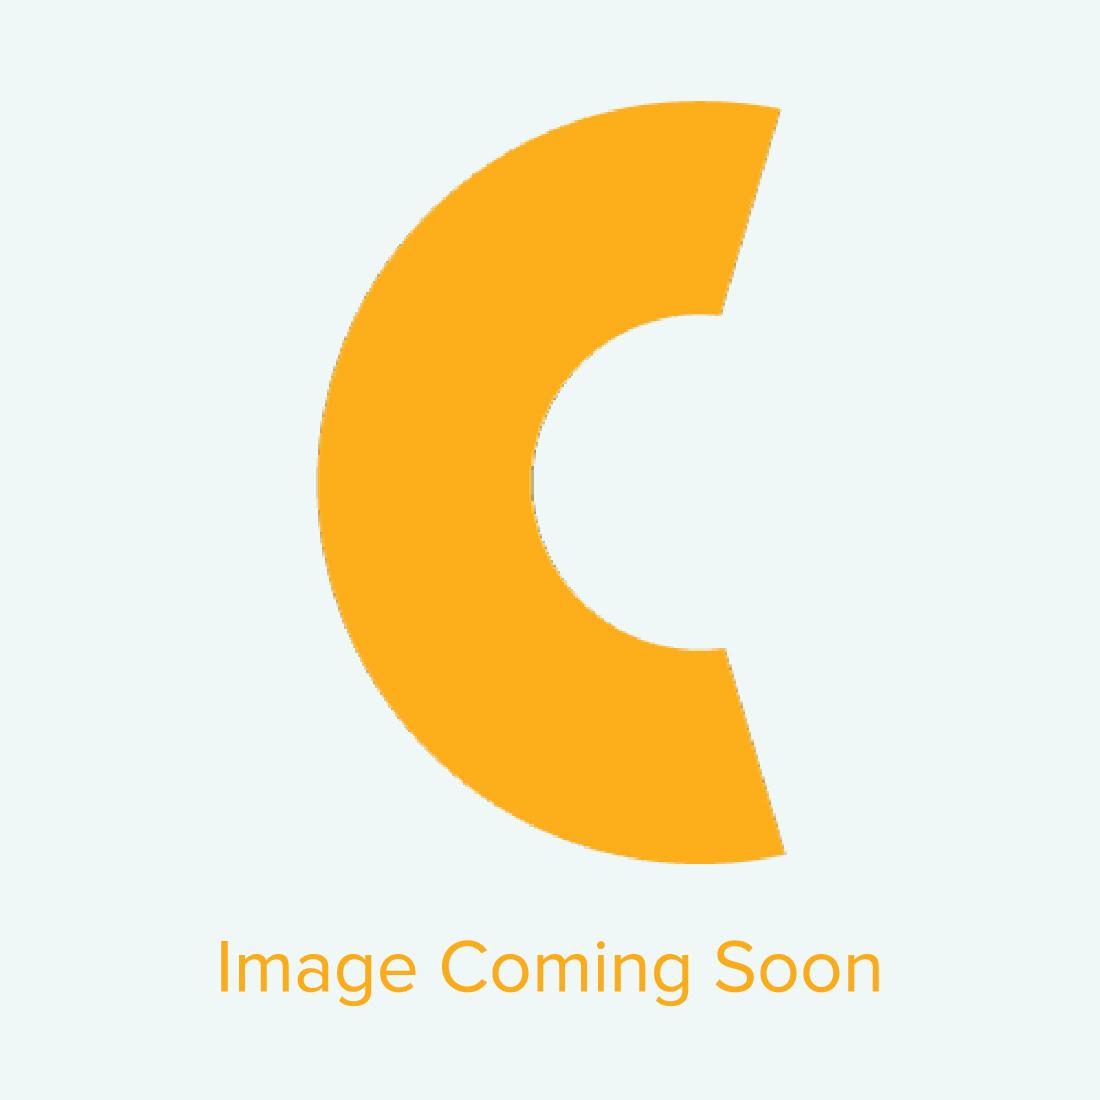 """Premier Ceramic Sublimation Tile - 8"""" x 8"""" - 22/case"""